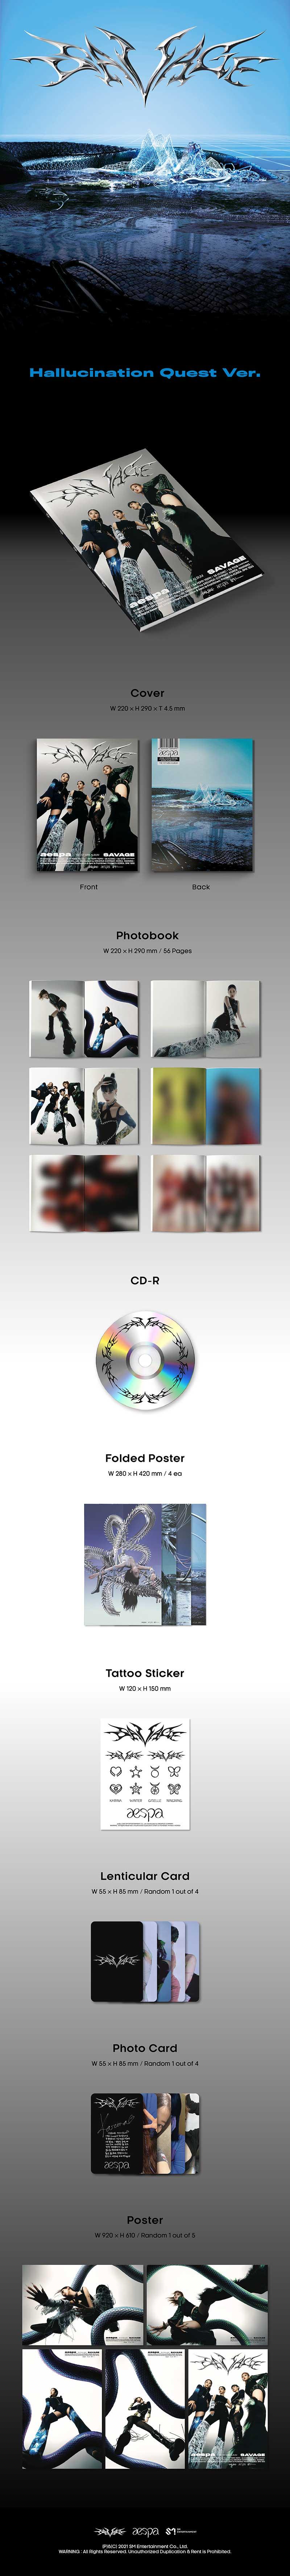 %BF%A1%BD%BA%C6%C4-Savage_Hallucination-Quest-Ver.jpg